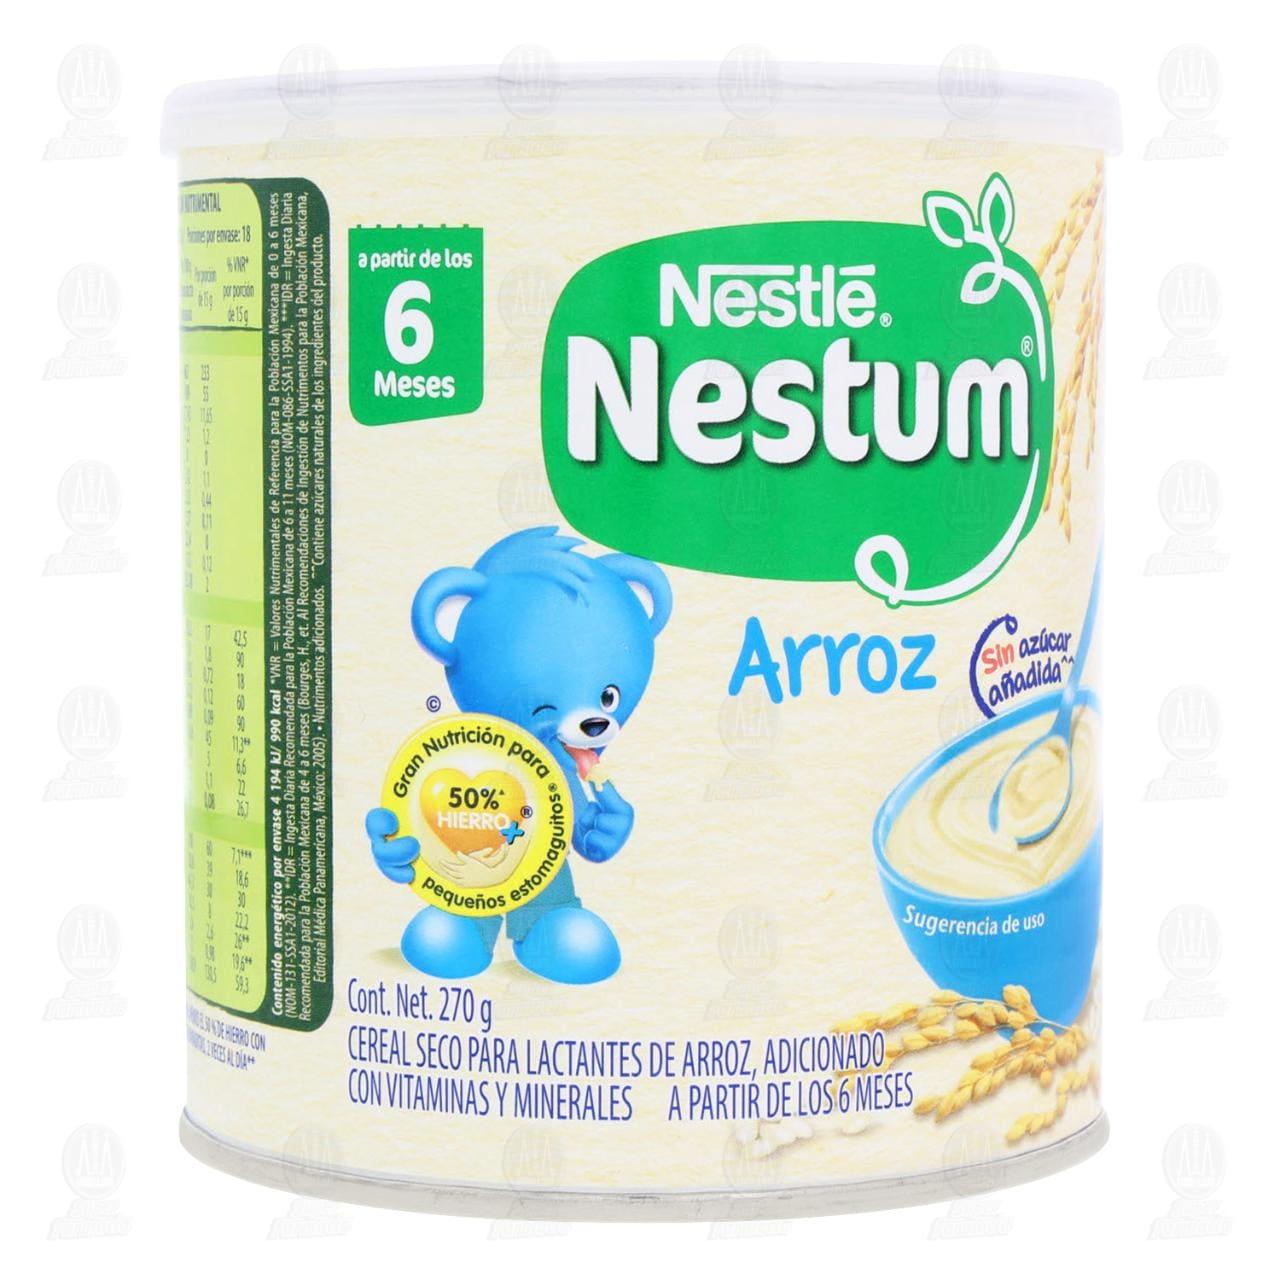 Comprar Cereal Nestum Arroz, a Partir de los 6 Meses, 270 gr. en Farmacias Guadalajara